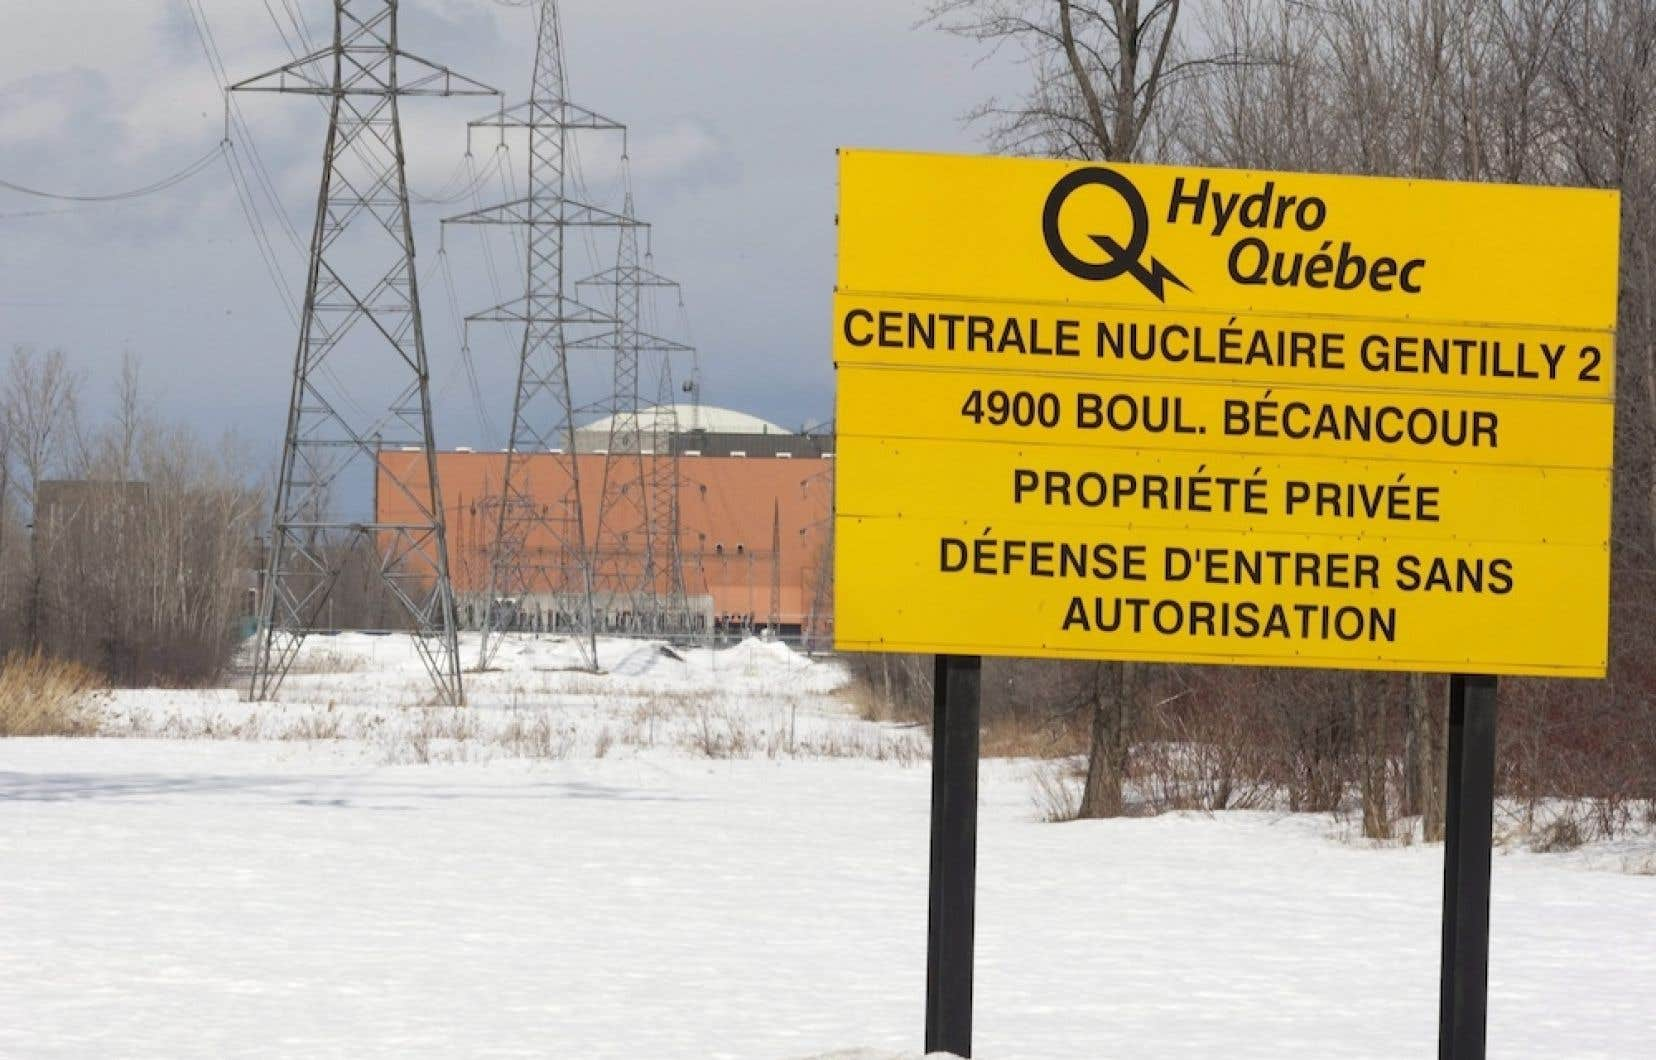 En commission parlementaire sur le déclassement de la centrale nucléaire de Bécancour, en janvier dernier, le p.-d.g. d'Hydro-Québec, Thierry Vandal, avait répété que le gouvernement avait toujours été tenu informé des développements concernant le dossier de Gentilly-2.